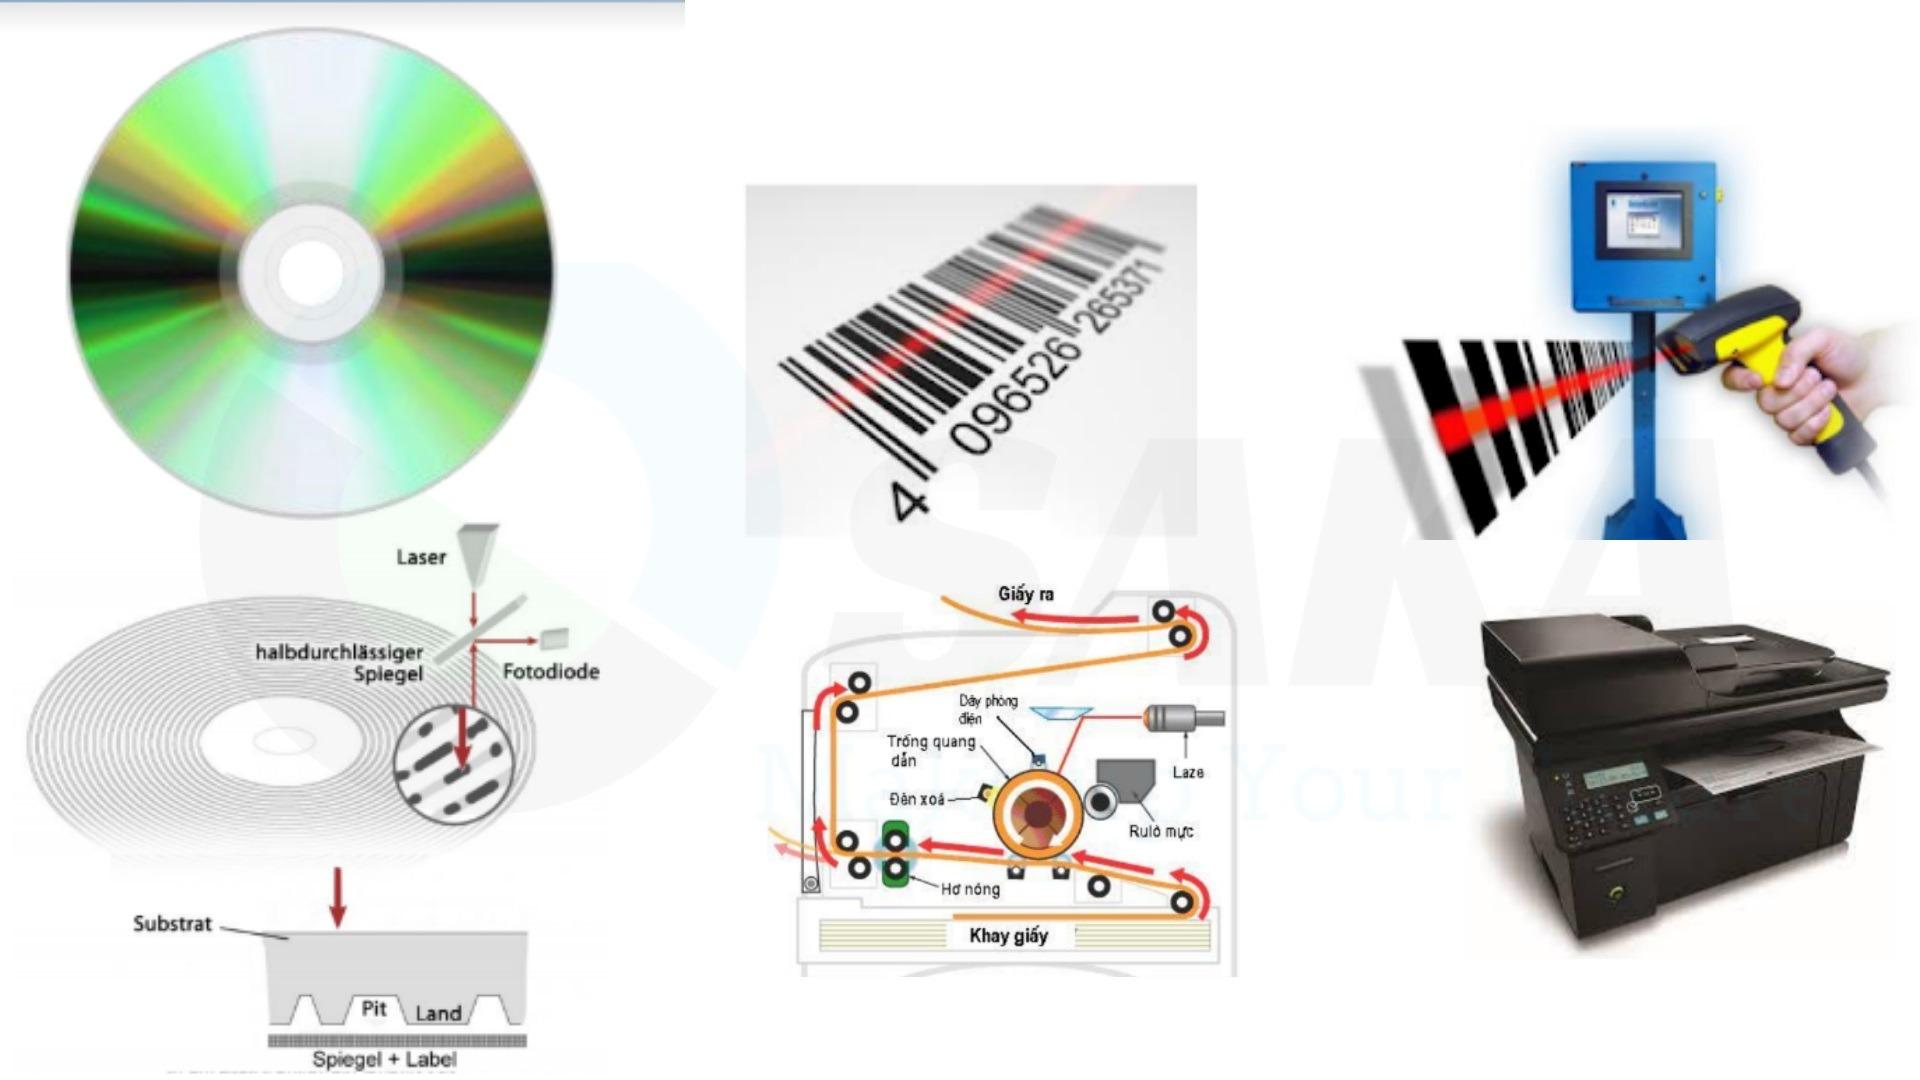 Ứng dụng laser trong chế tạo đĩa